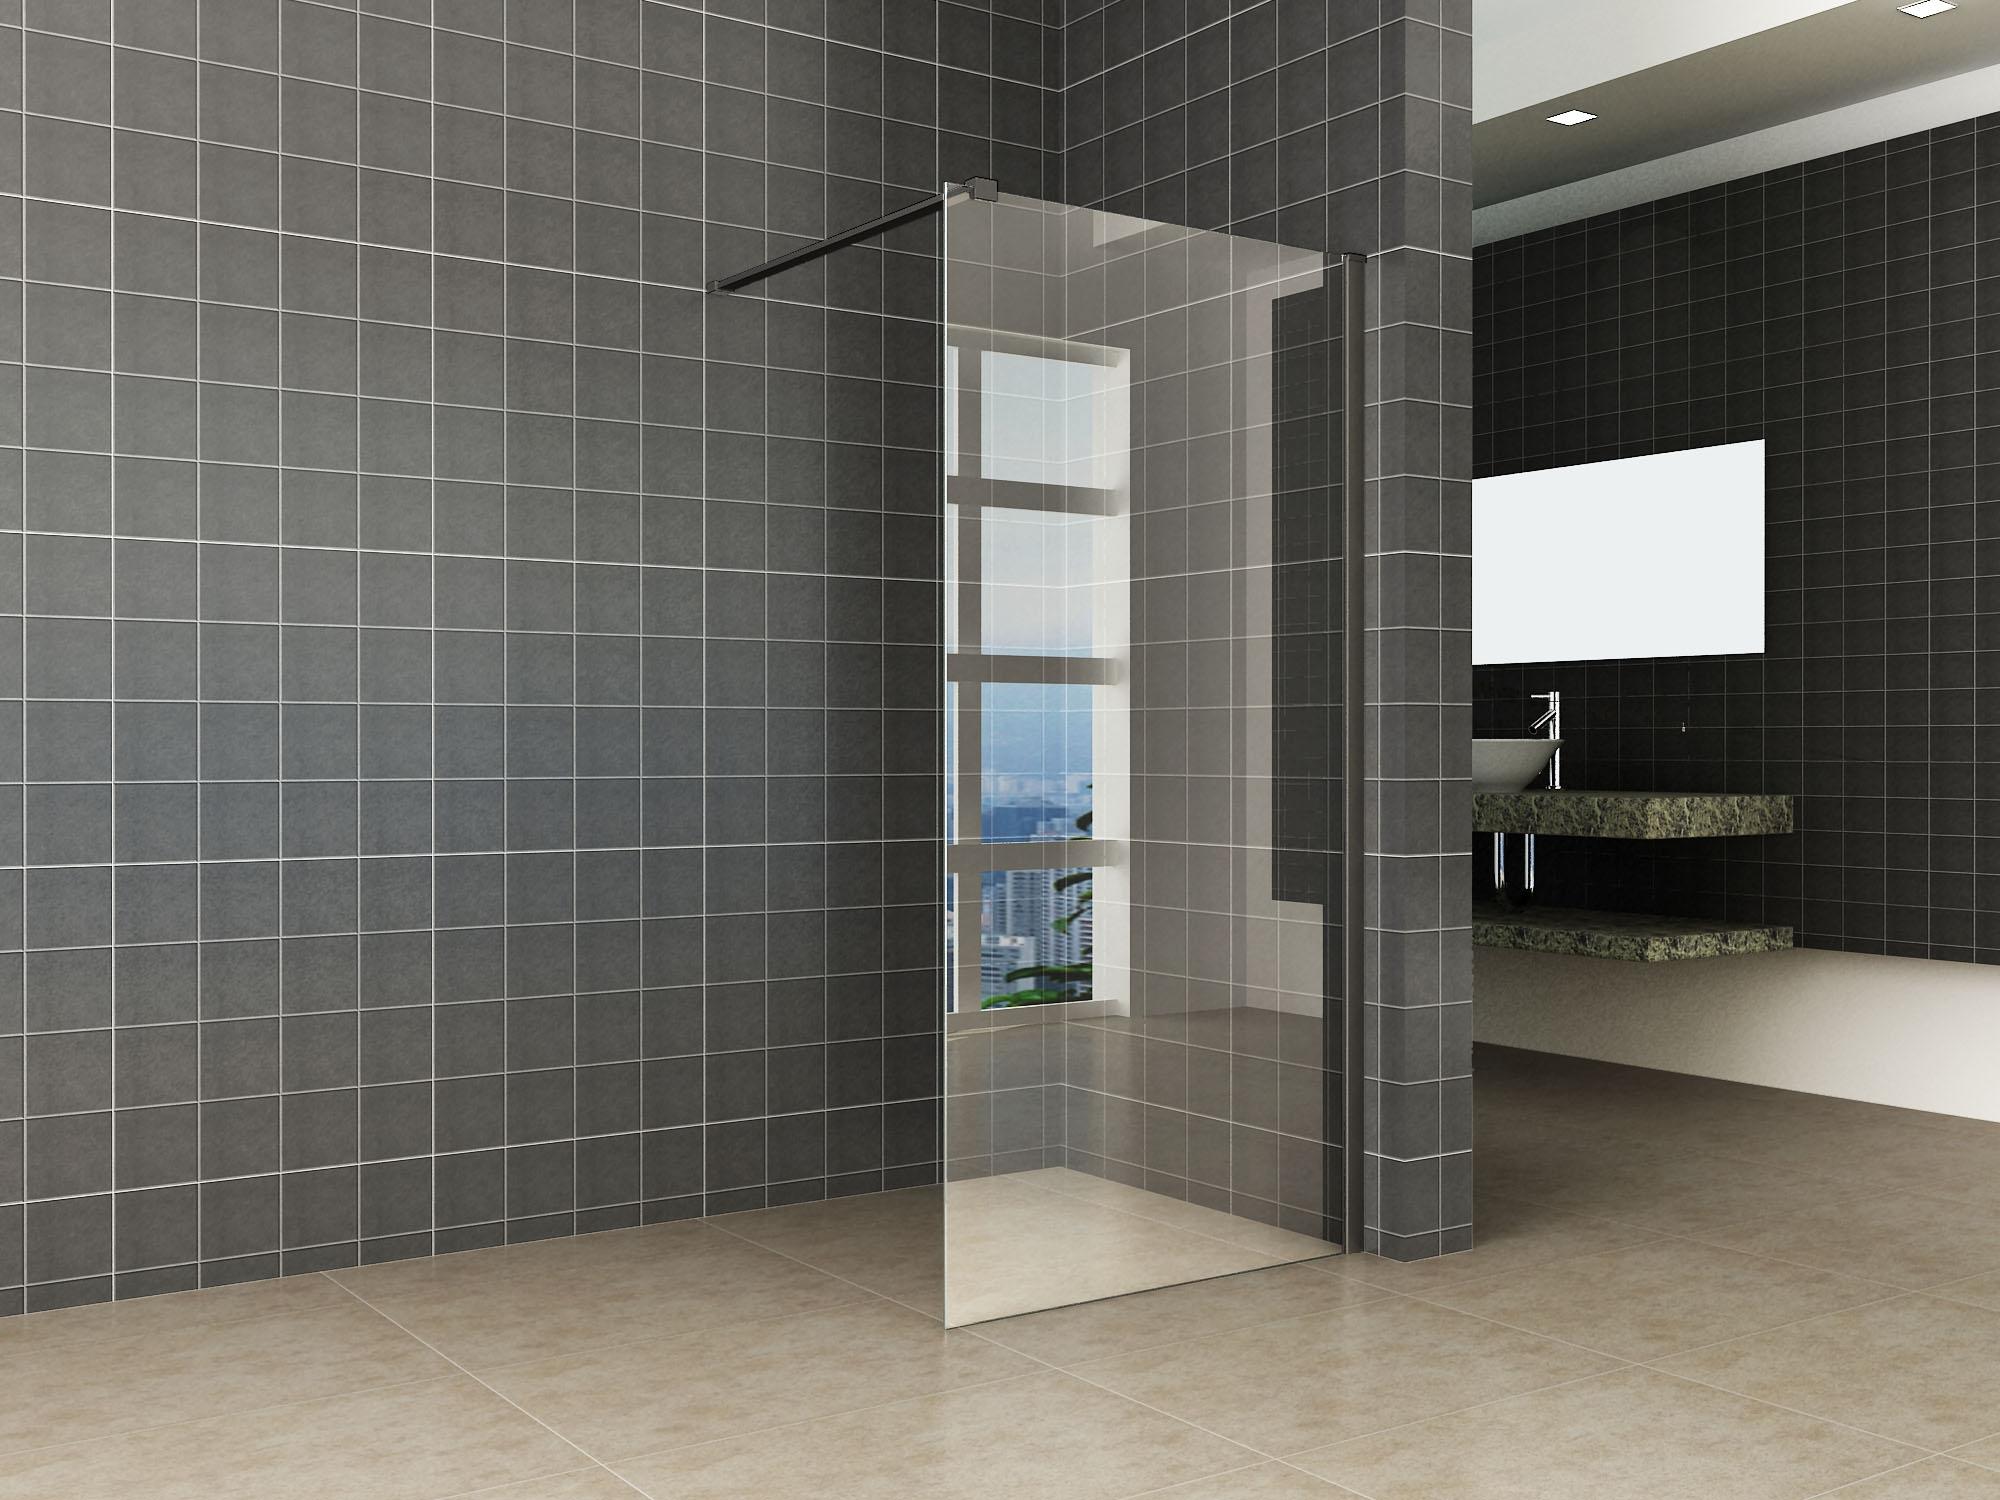 Wiesbaden inloopdouche 100x200 10mm met zwart muurprofiel Safetyglass 2.0